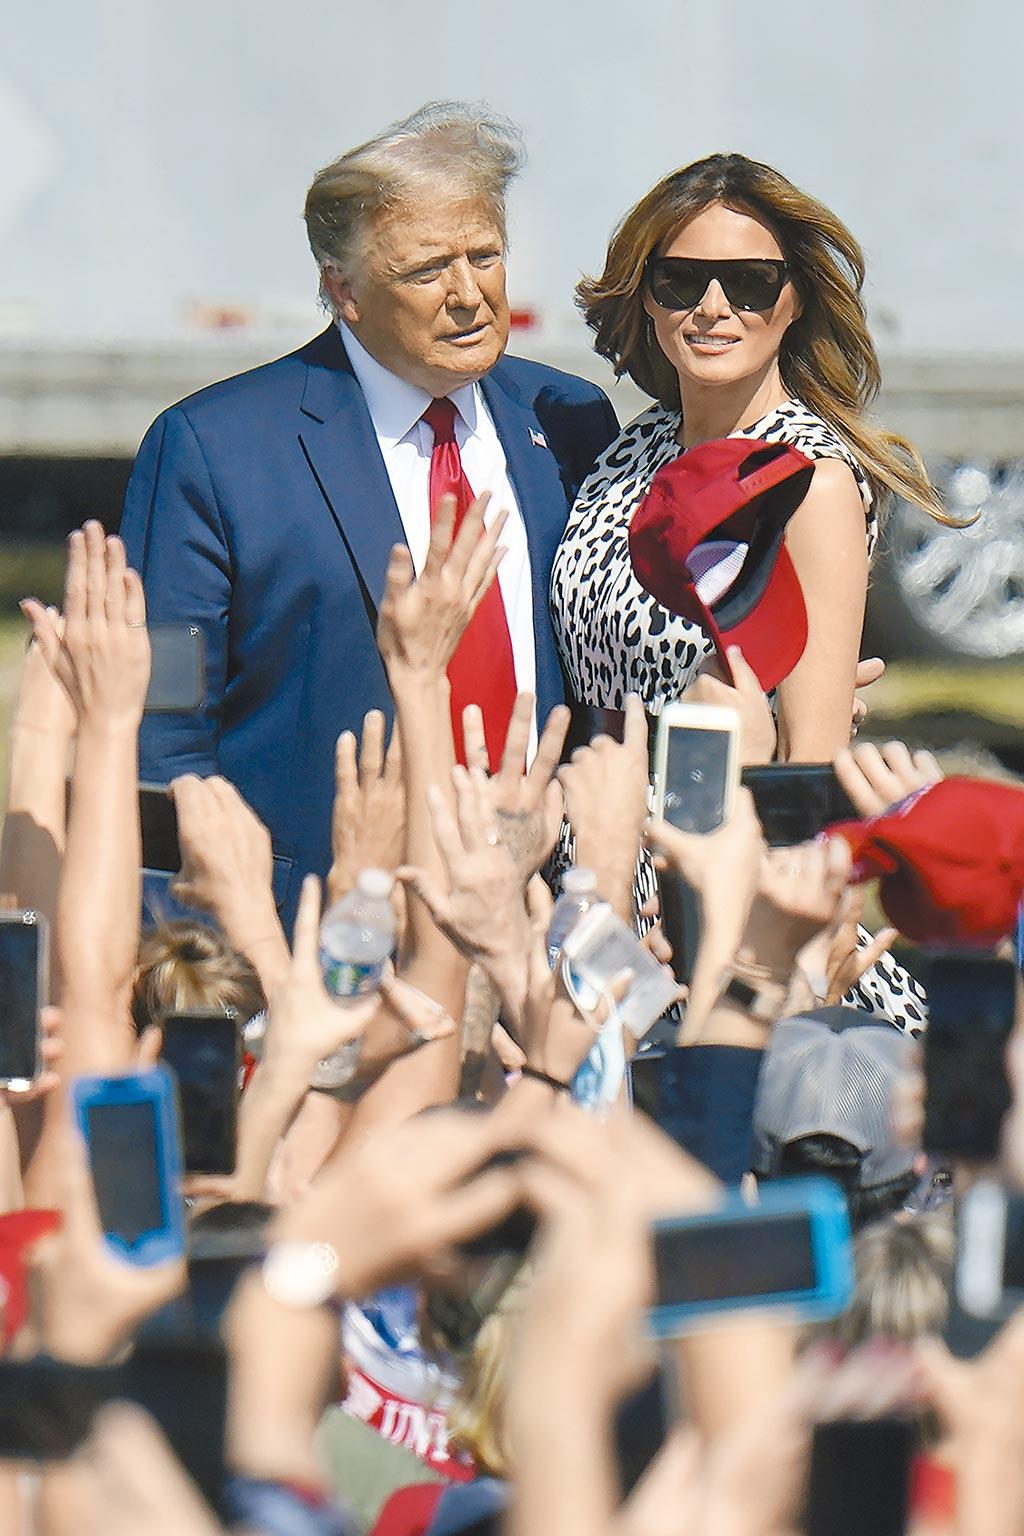 美國總統川普和夫人梅蘭妮亞29日抵達佛州坦帕市造勢。(美聯社)